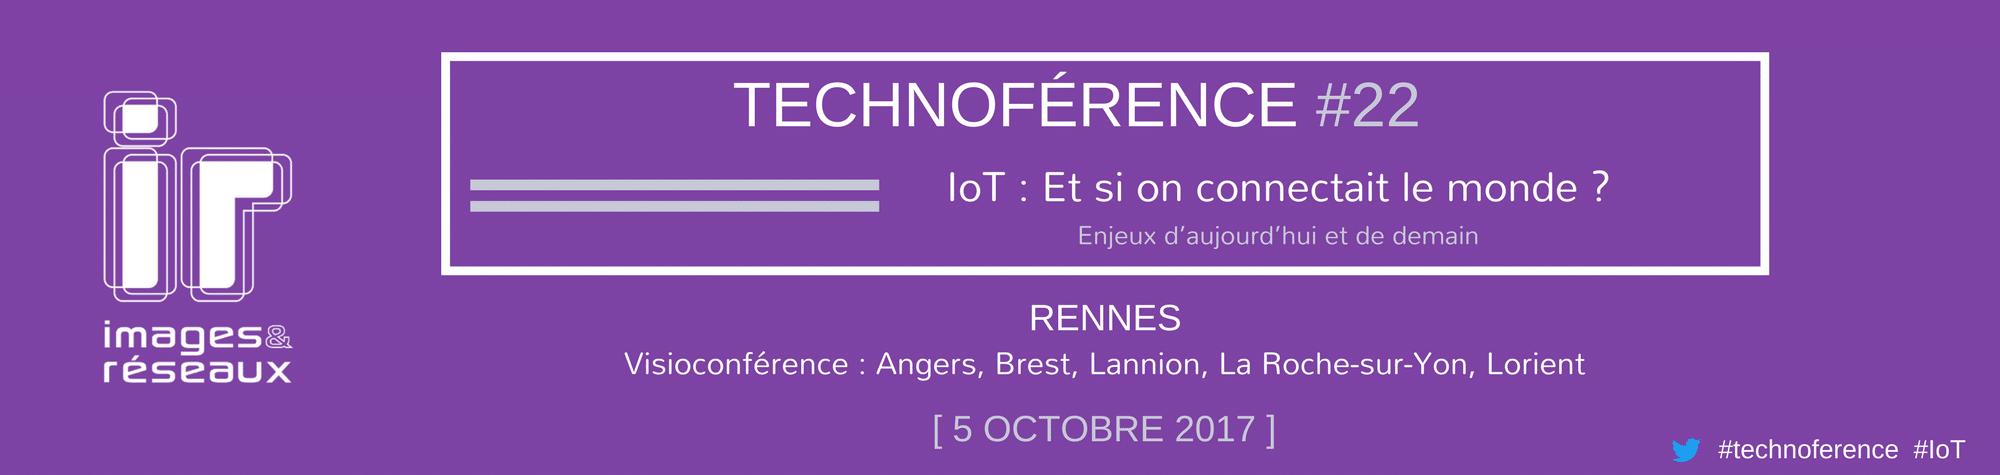 IoT : et si on connectait le monde ? Enjeux d'aujourd'hui et de demain – Technoférence #22 Images & Réseaux